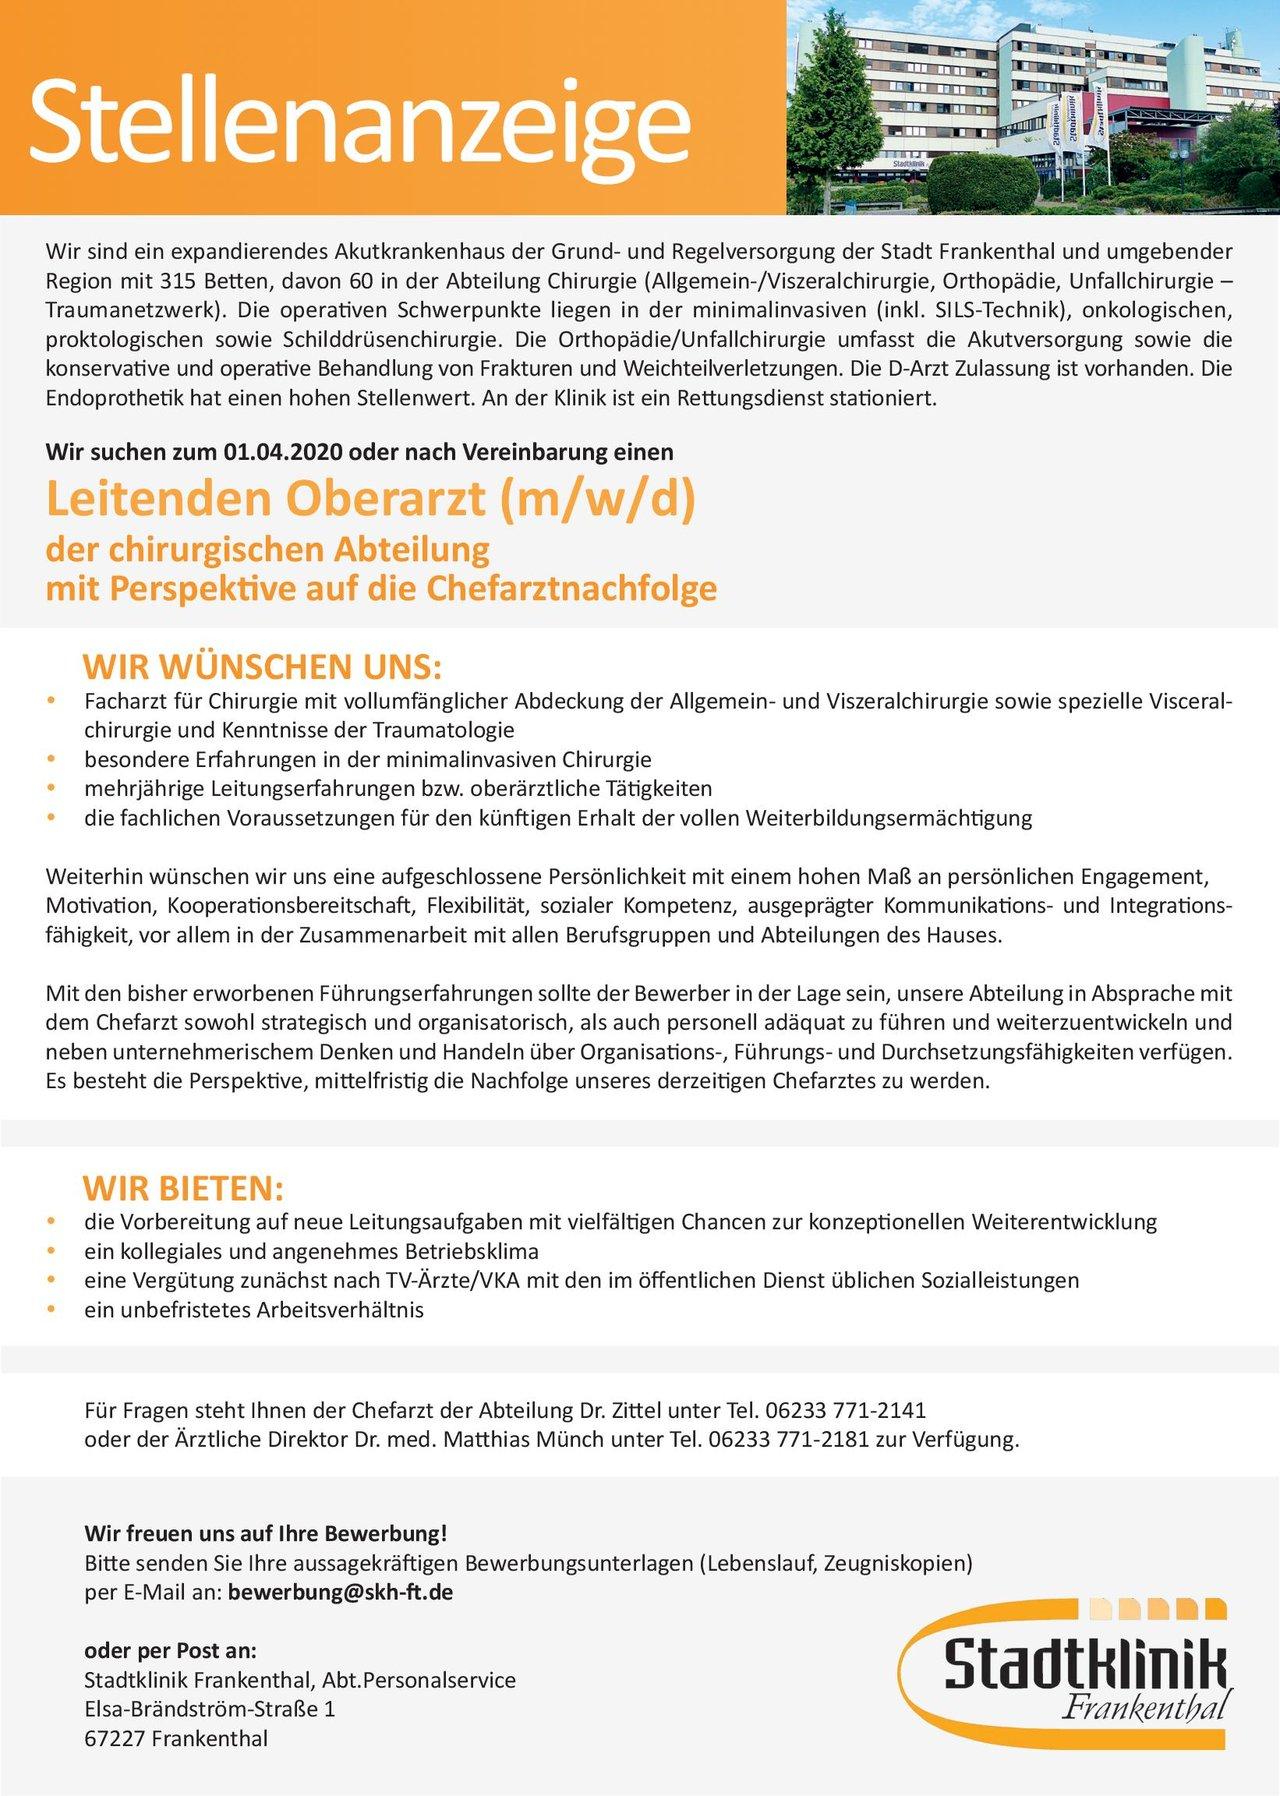 Stadtklinik Frankenthal Leitender Oberarzt (m/w/d) der chirurgischen Abteilung mit Perspektive auf die Chefarztnachfolge  Allgemeinchirurgie, Viszeralchirurgie, Chirurgie Ärztl. Leiter, Oberarzt